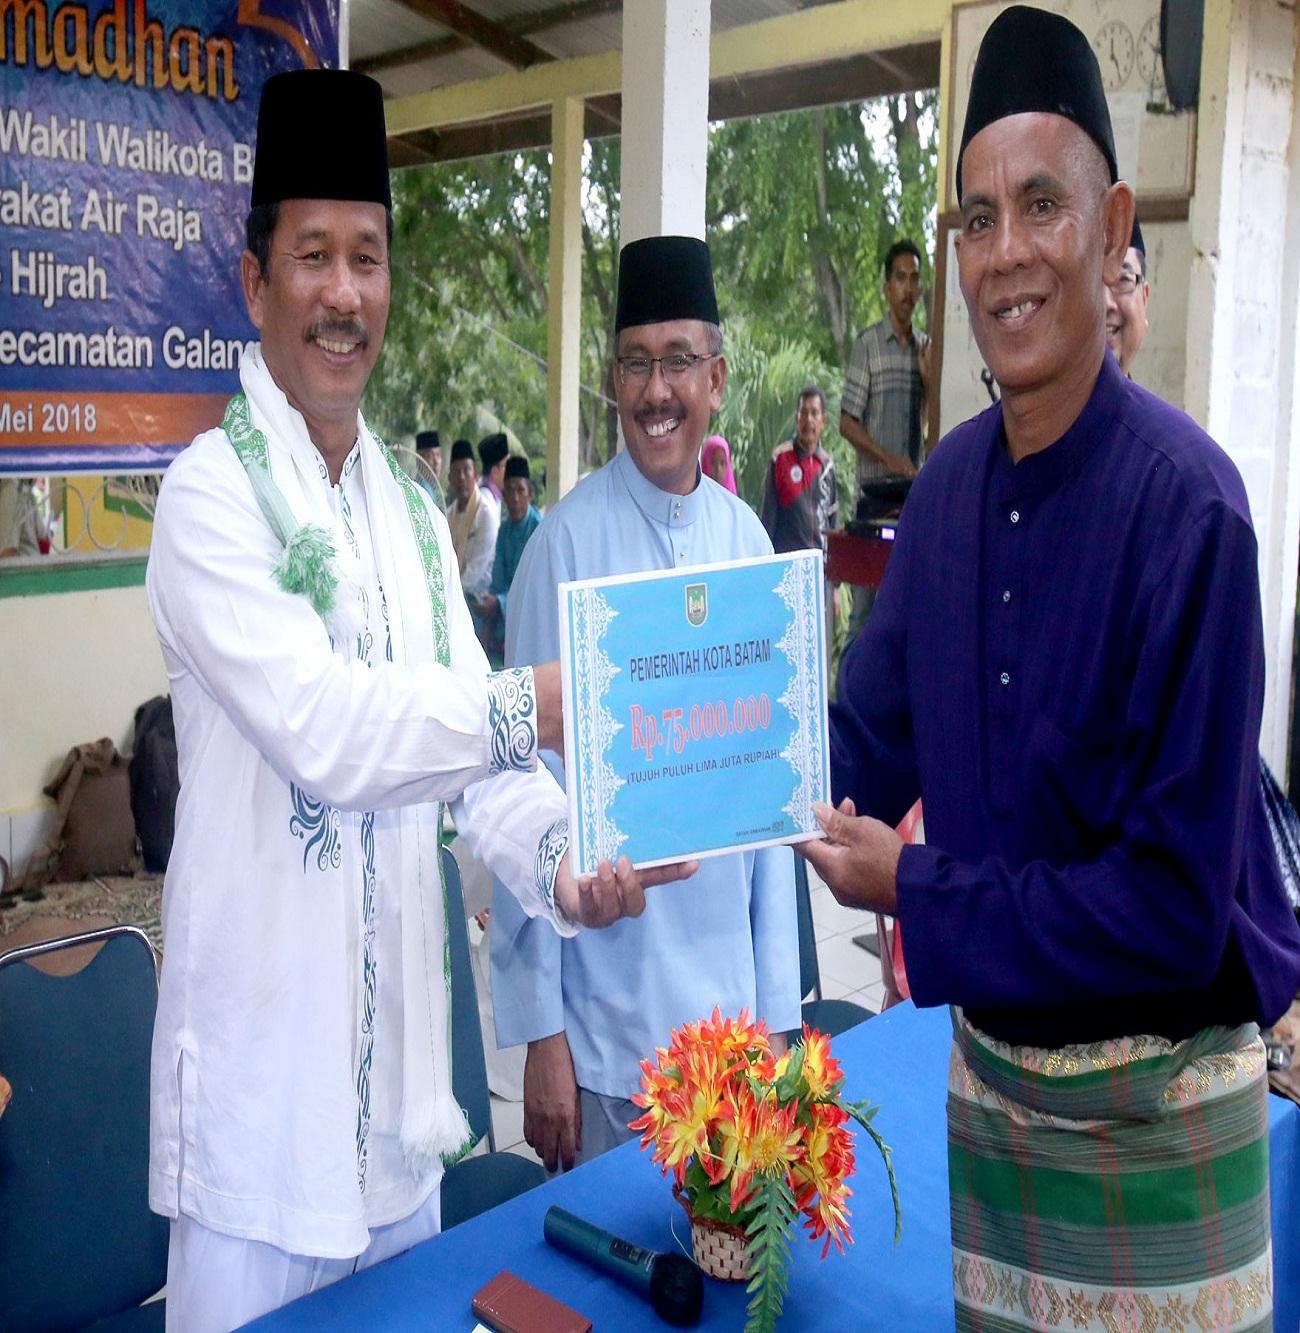 Walikota Batam memberikan Bantuan pembangunan Masjid al Hijrah Kelurahan Air Raja Kecamatan Galang.